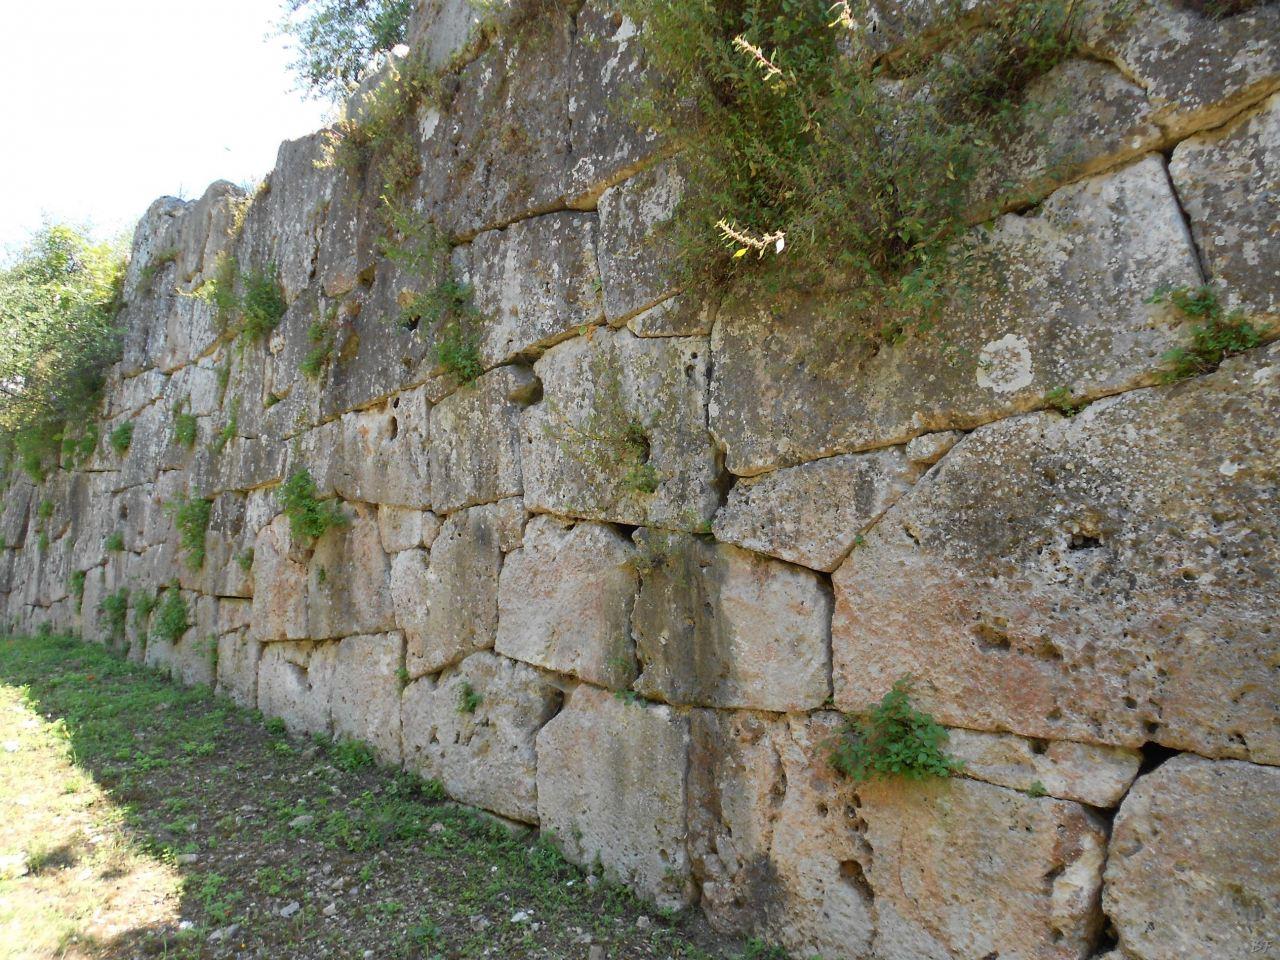 Cosa-Mura-Megalitiche-Ansedonia-Grosseto-Toscana-Italia-25